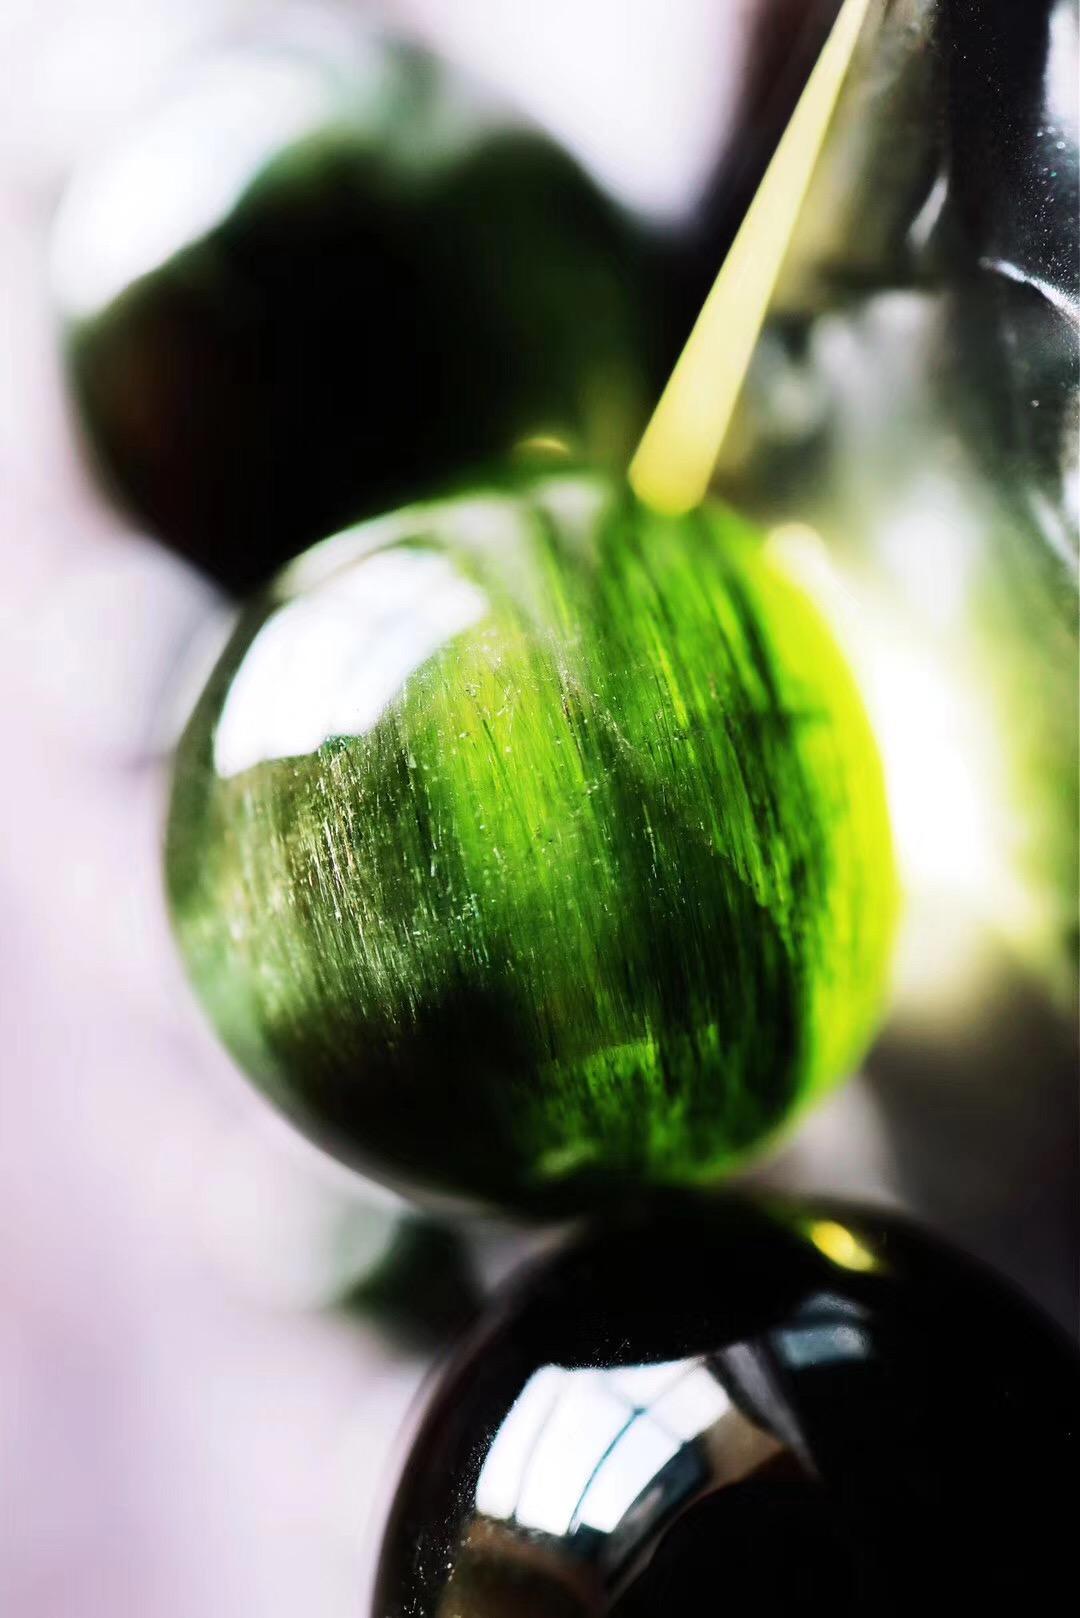 【绿发晶】收藏级绿发晶,缓解暴脾气-菩心晶舍